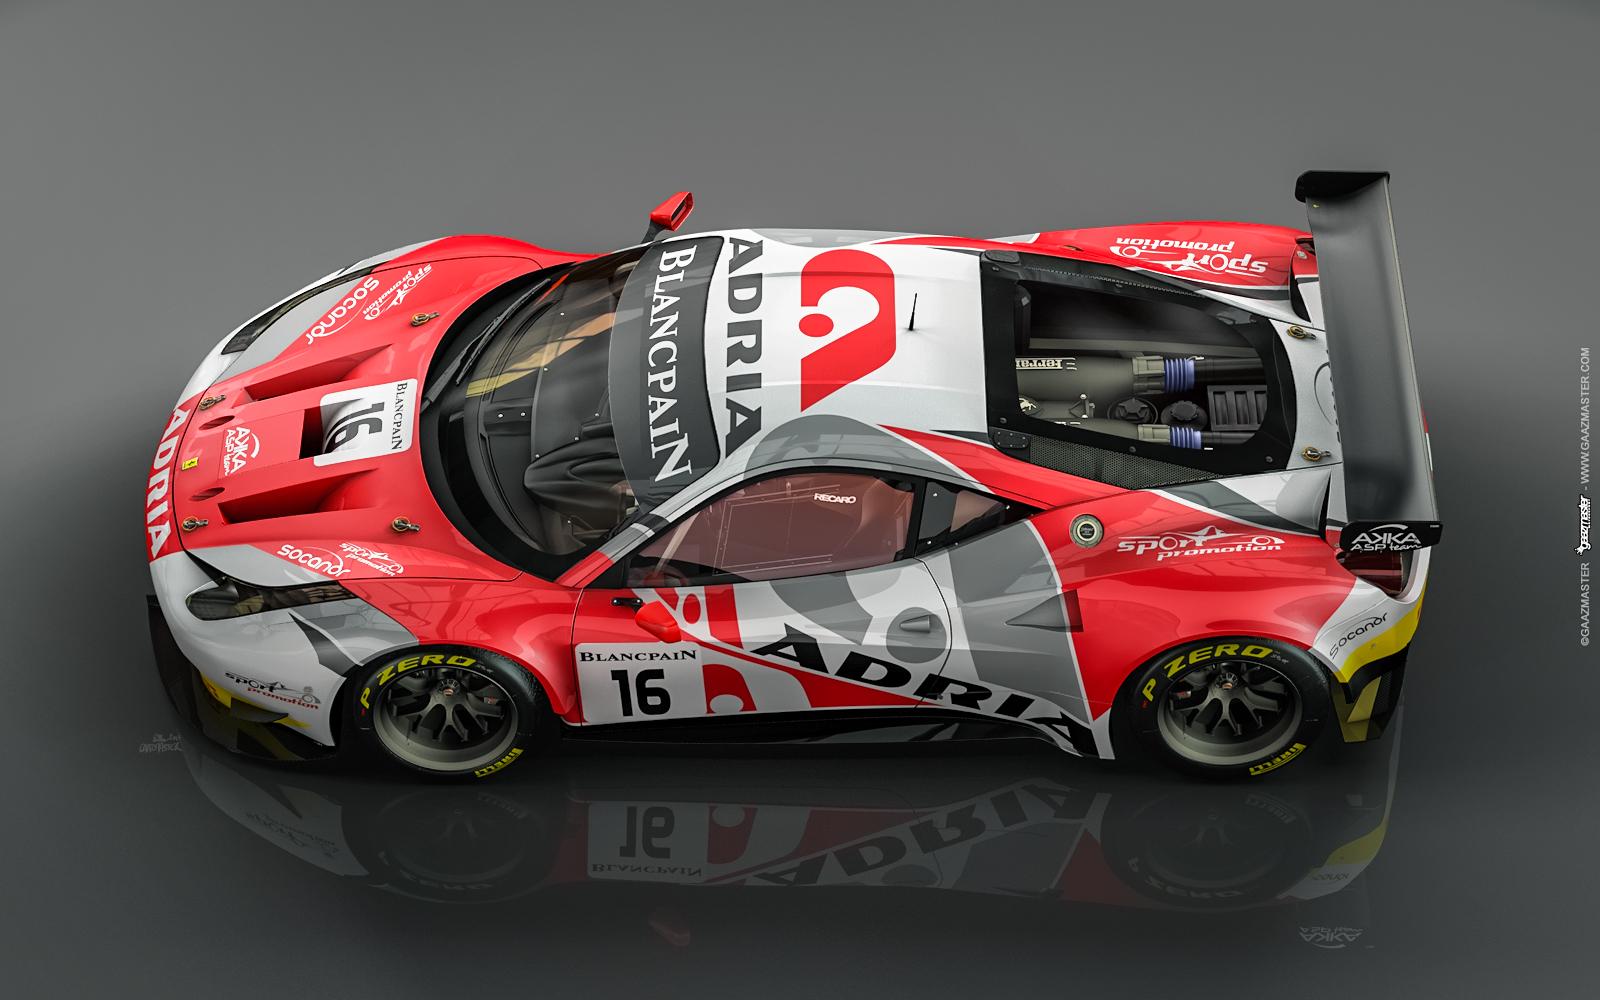 Gaazmaster Motorsport Ferrari 458 Gte Akka Asp